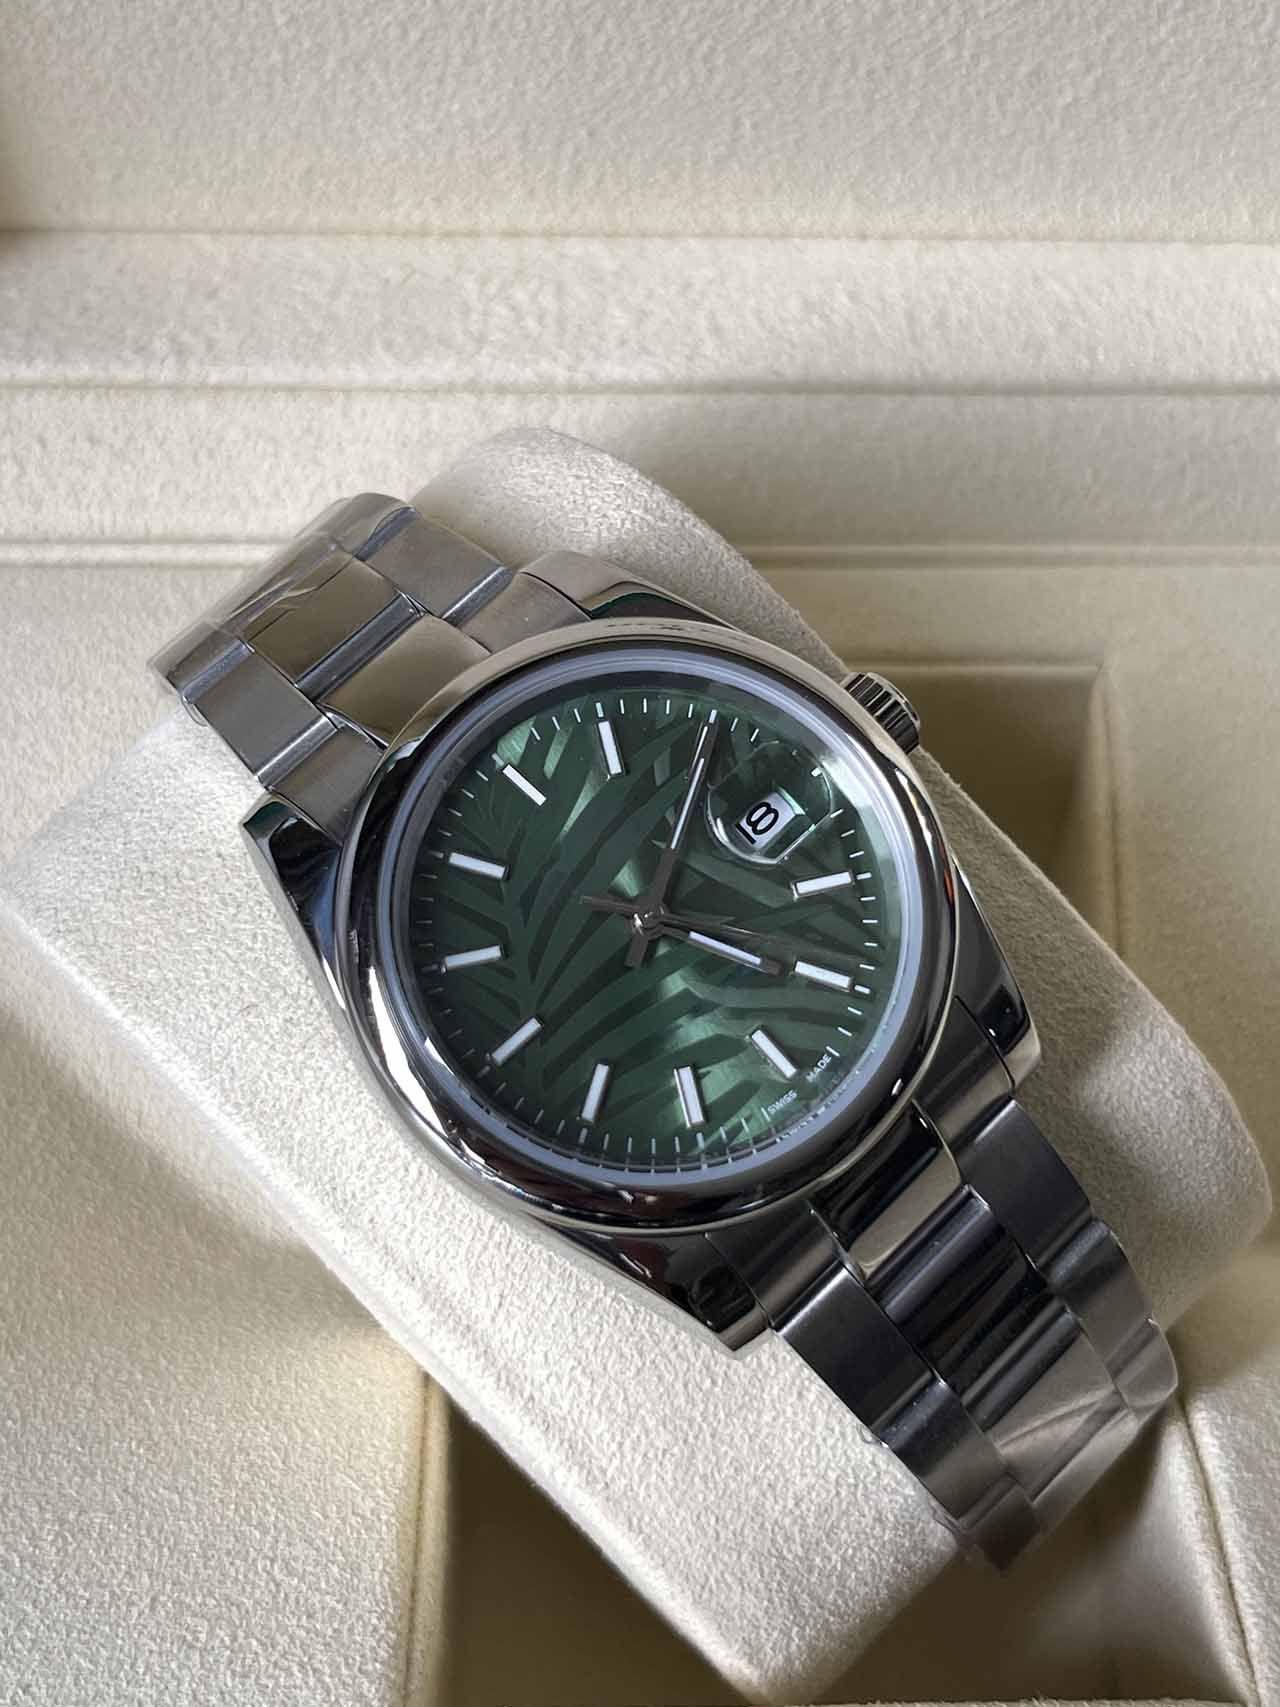 2021 lunette lisse DateJust cadran vert acier Mens 36mm Montre Saphir Verre Verre automatique Mécanique huître en acier inoxydable perpétuelle Turquoise 124300 montre-bracelet